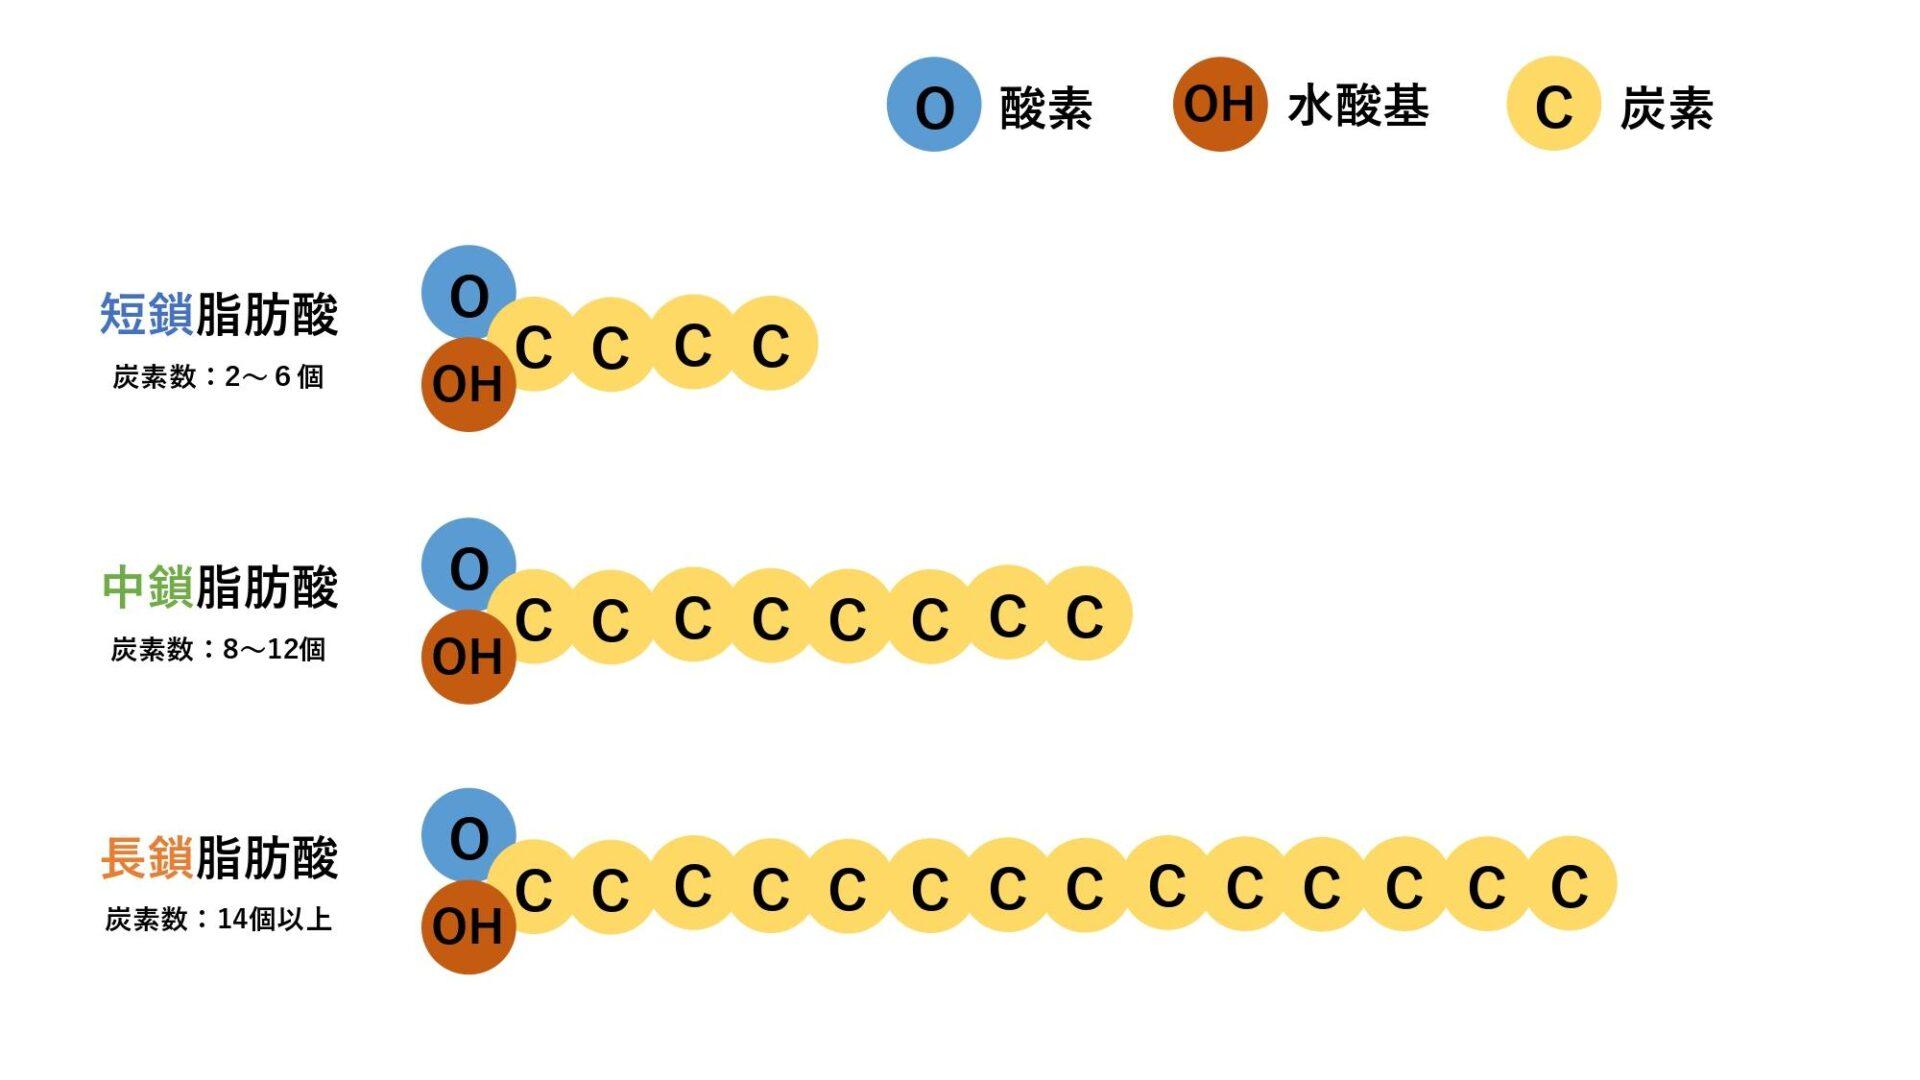 脂肪酸の炭素数の比較画像